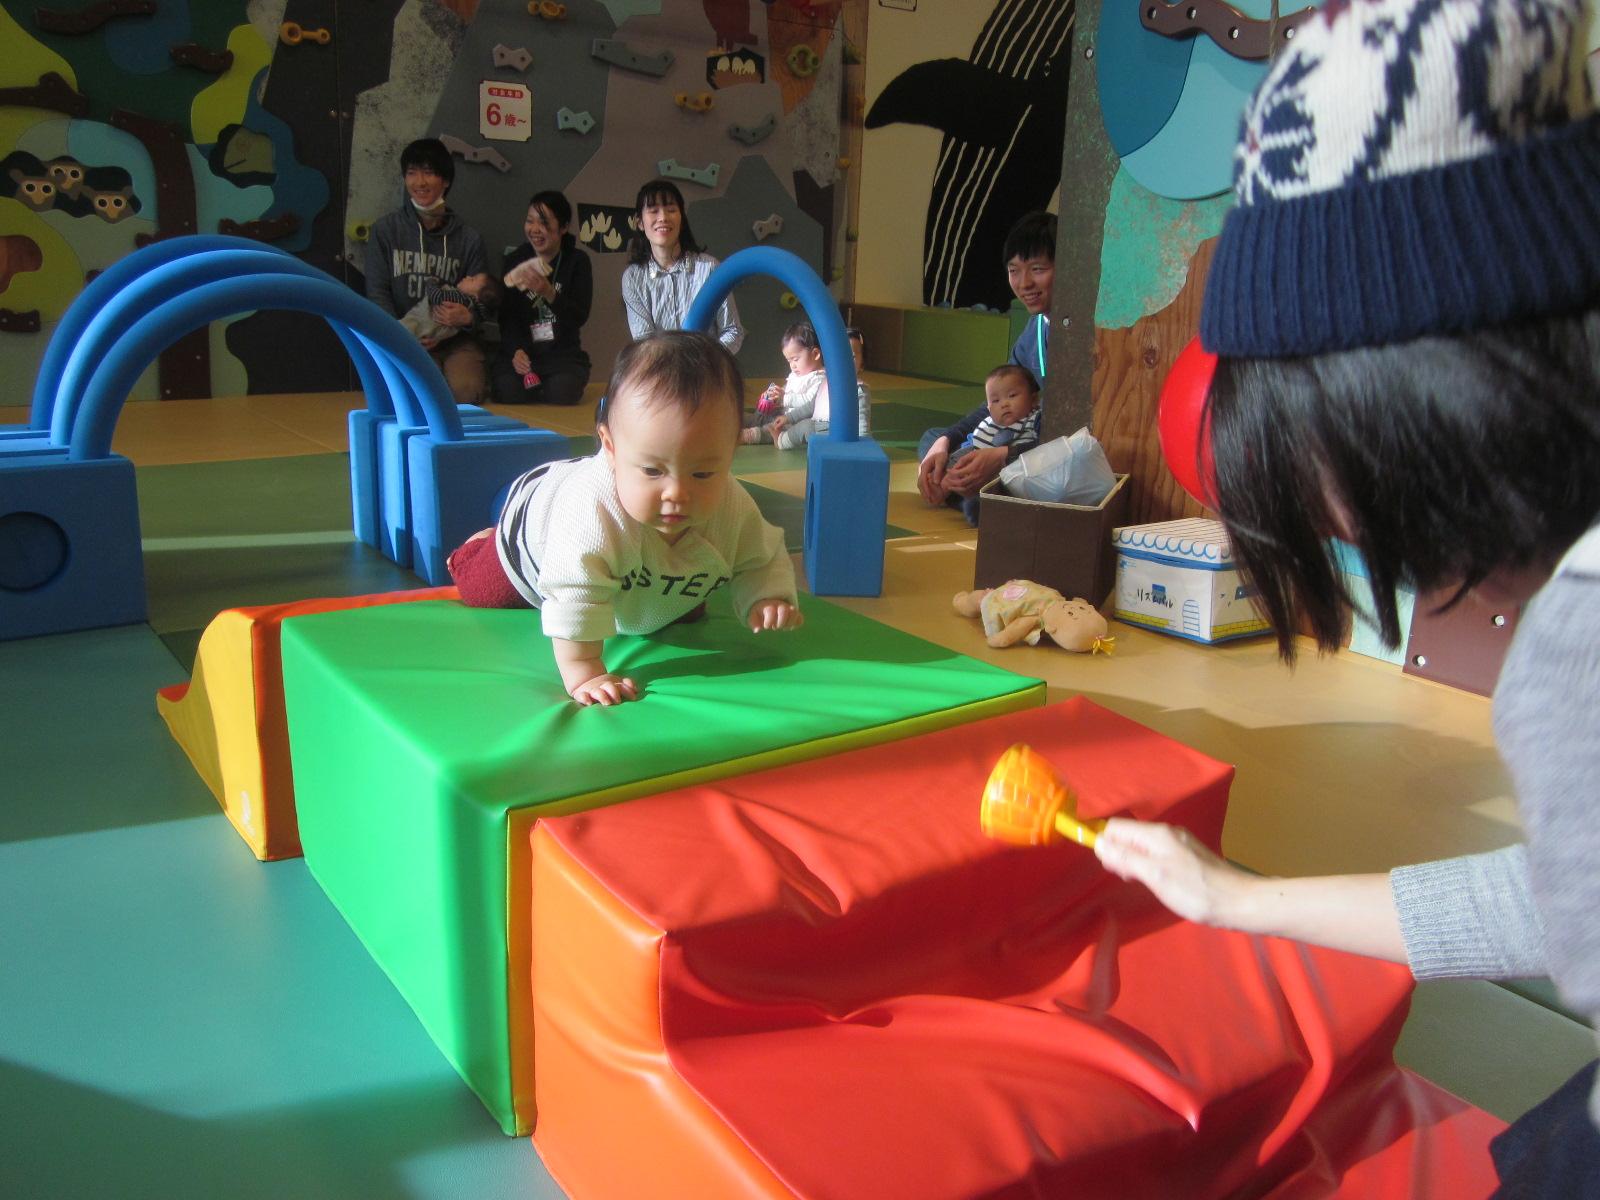 【木曜開催】赤ちゃんの日「ちょうちょになってハイハイレース!」